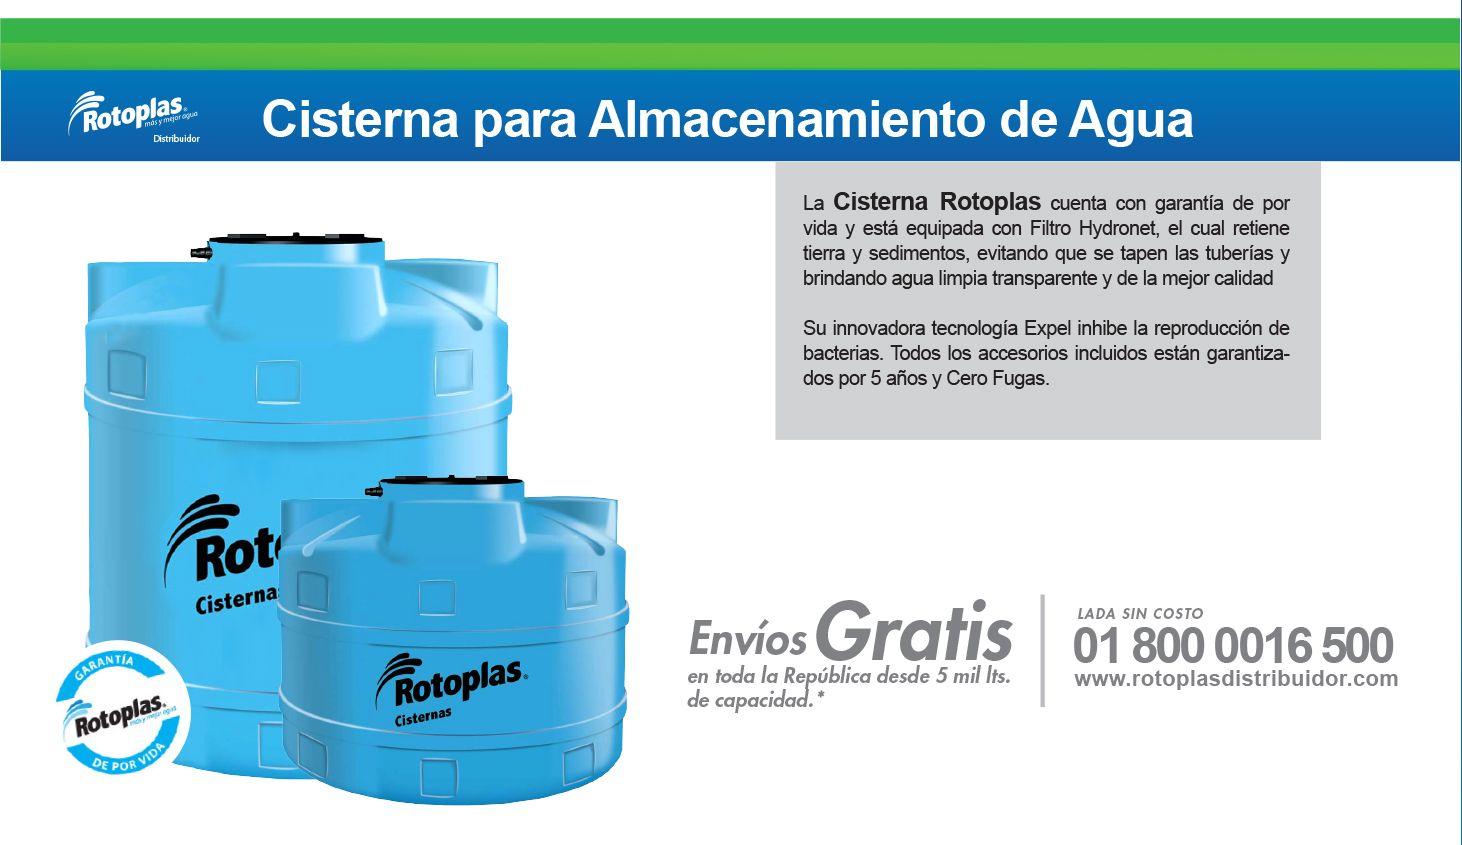 Cisternas rotoplas tanques rotoplas cisternas agua for Cisternas de agua a domicilio